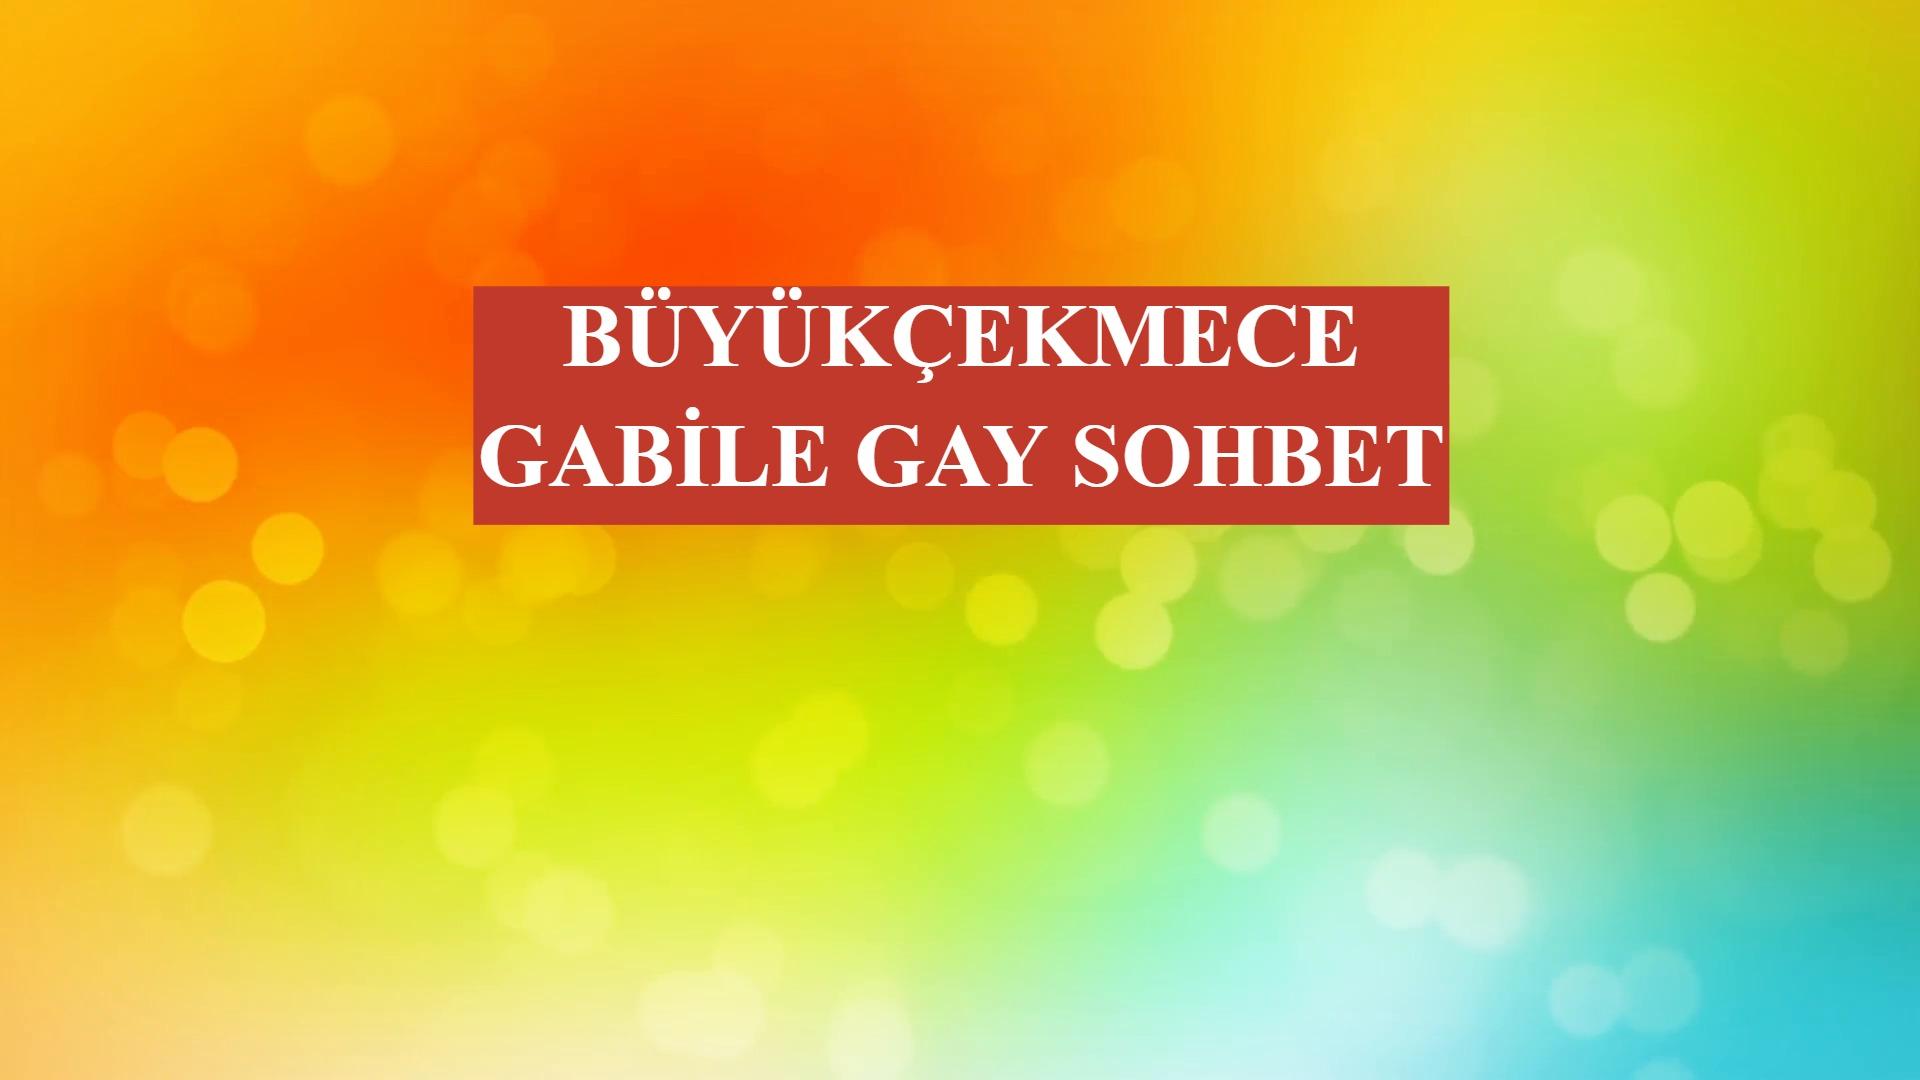 Büyükçekmece Gabile Gay Sohbet